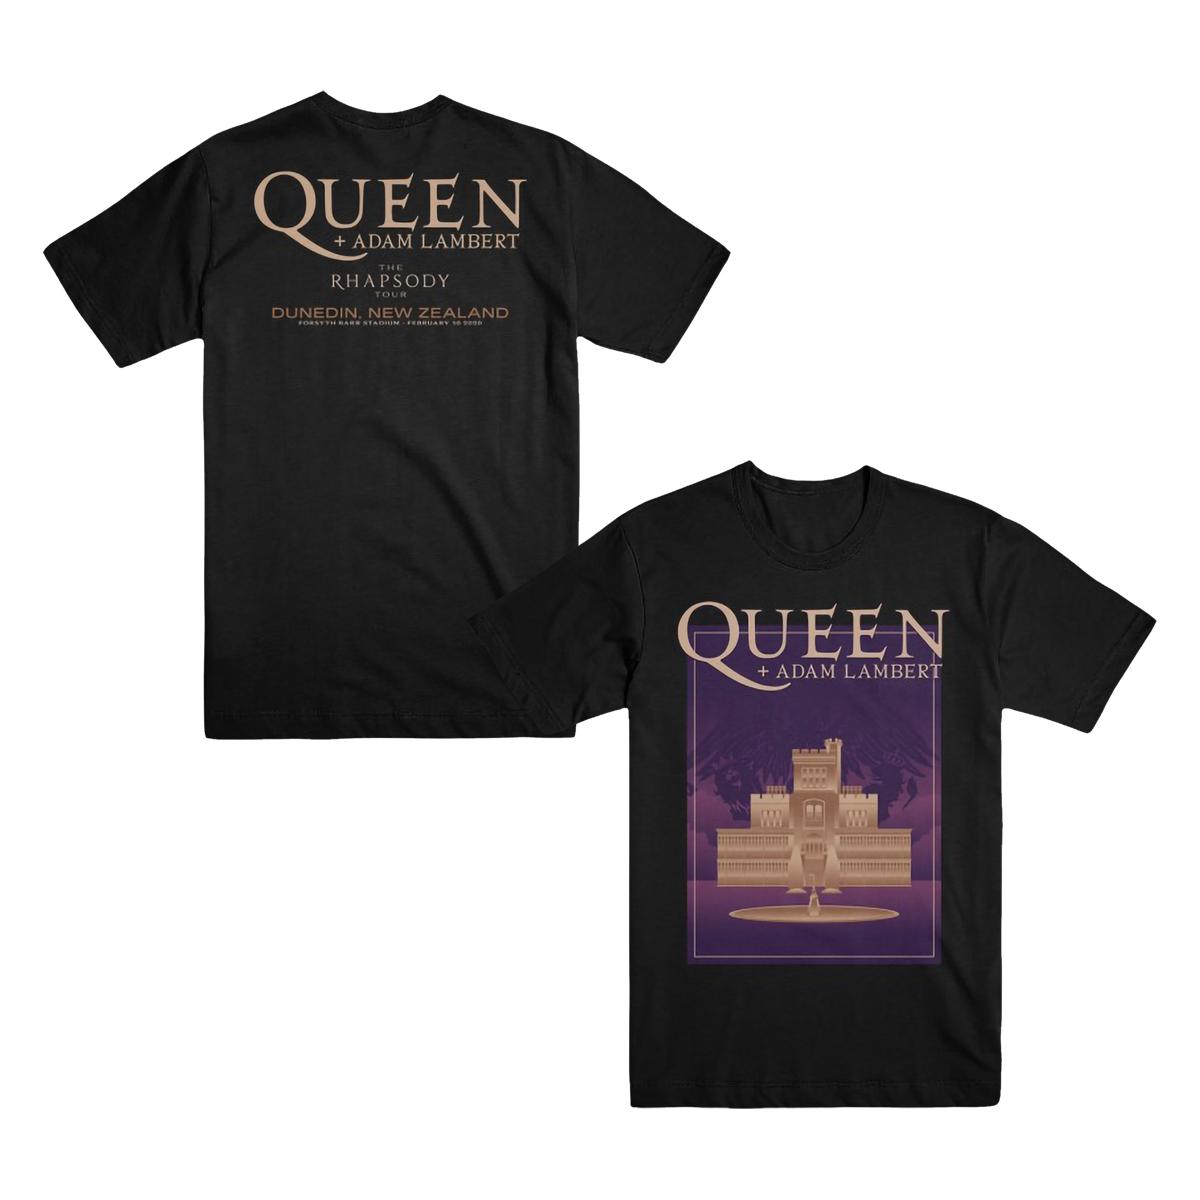 2020 Dunedin Event T-Shirt